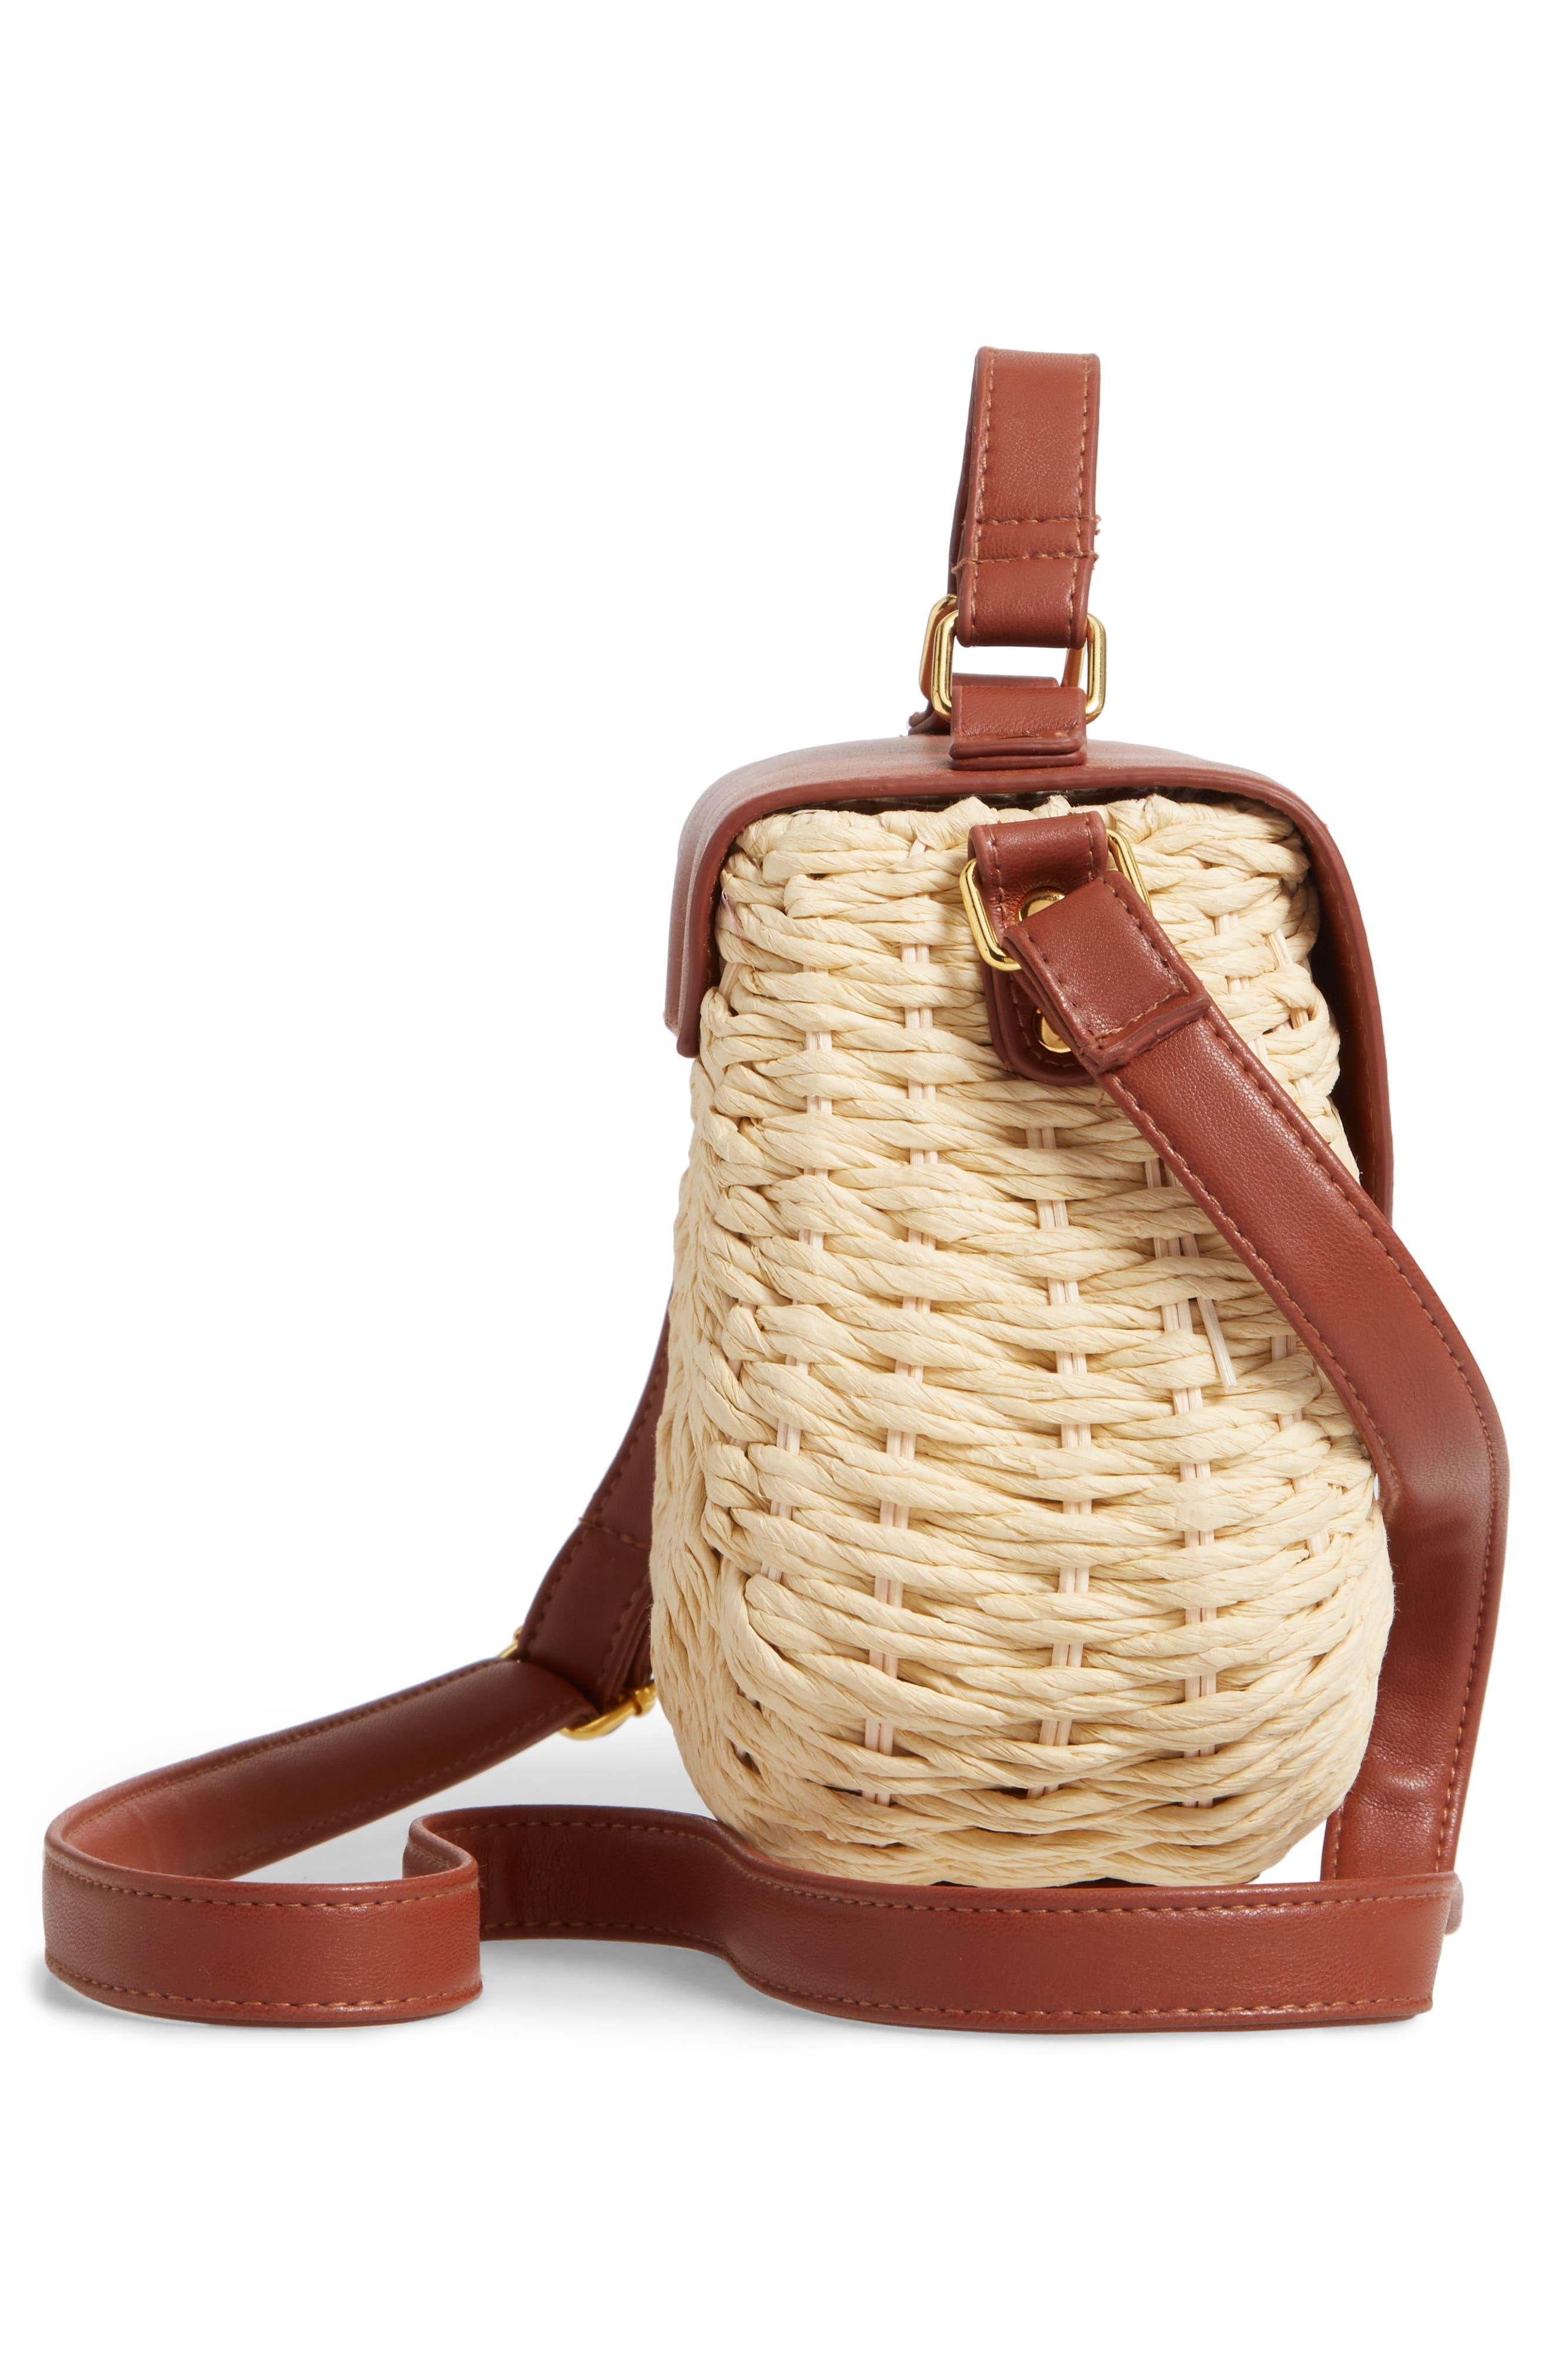 Faux Leather Trim Straw Saddle Bag,                             Alternate thumbnail 5, color,                             NATURAL/ COGNAC